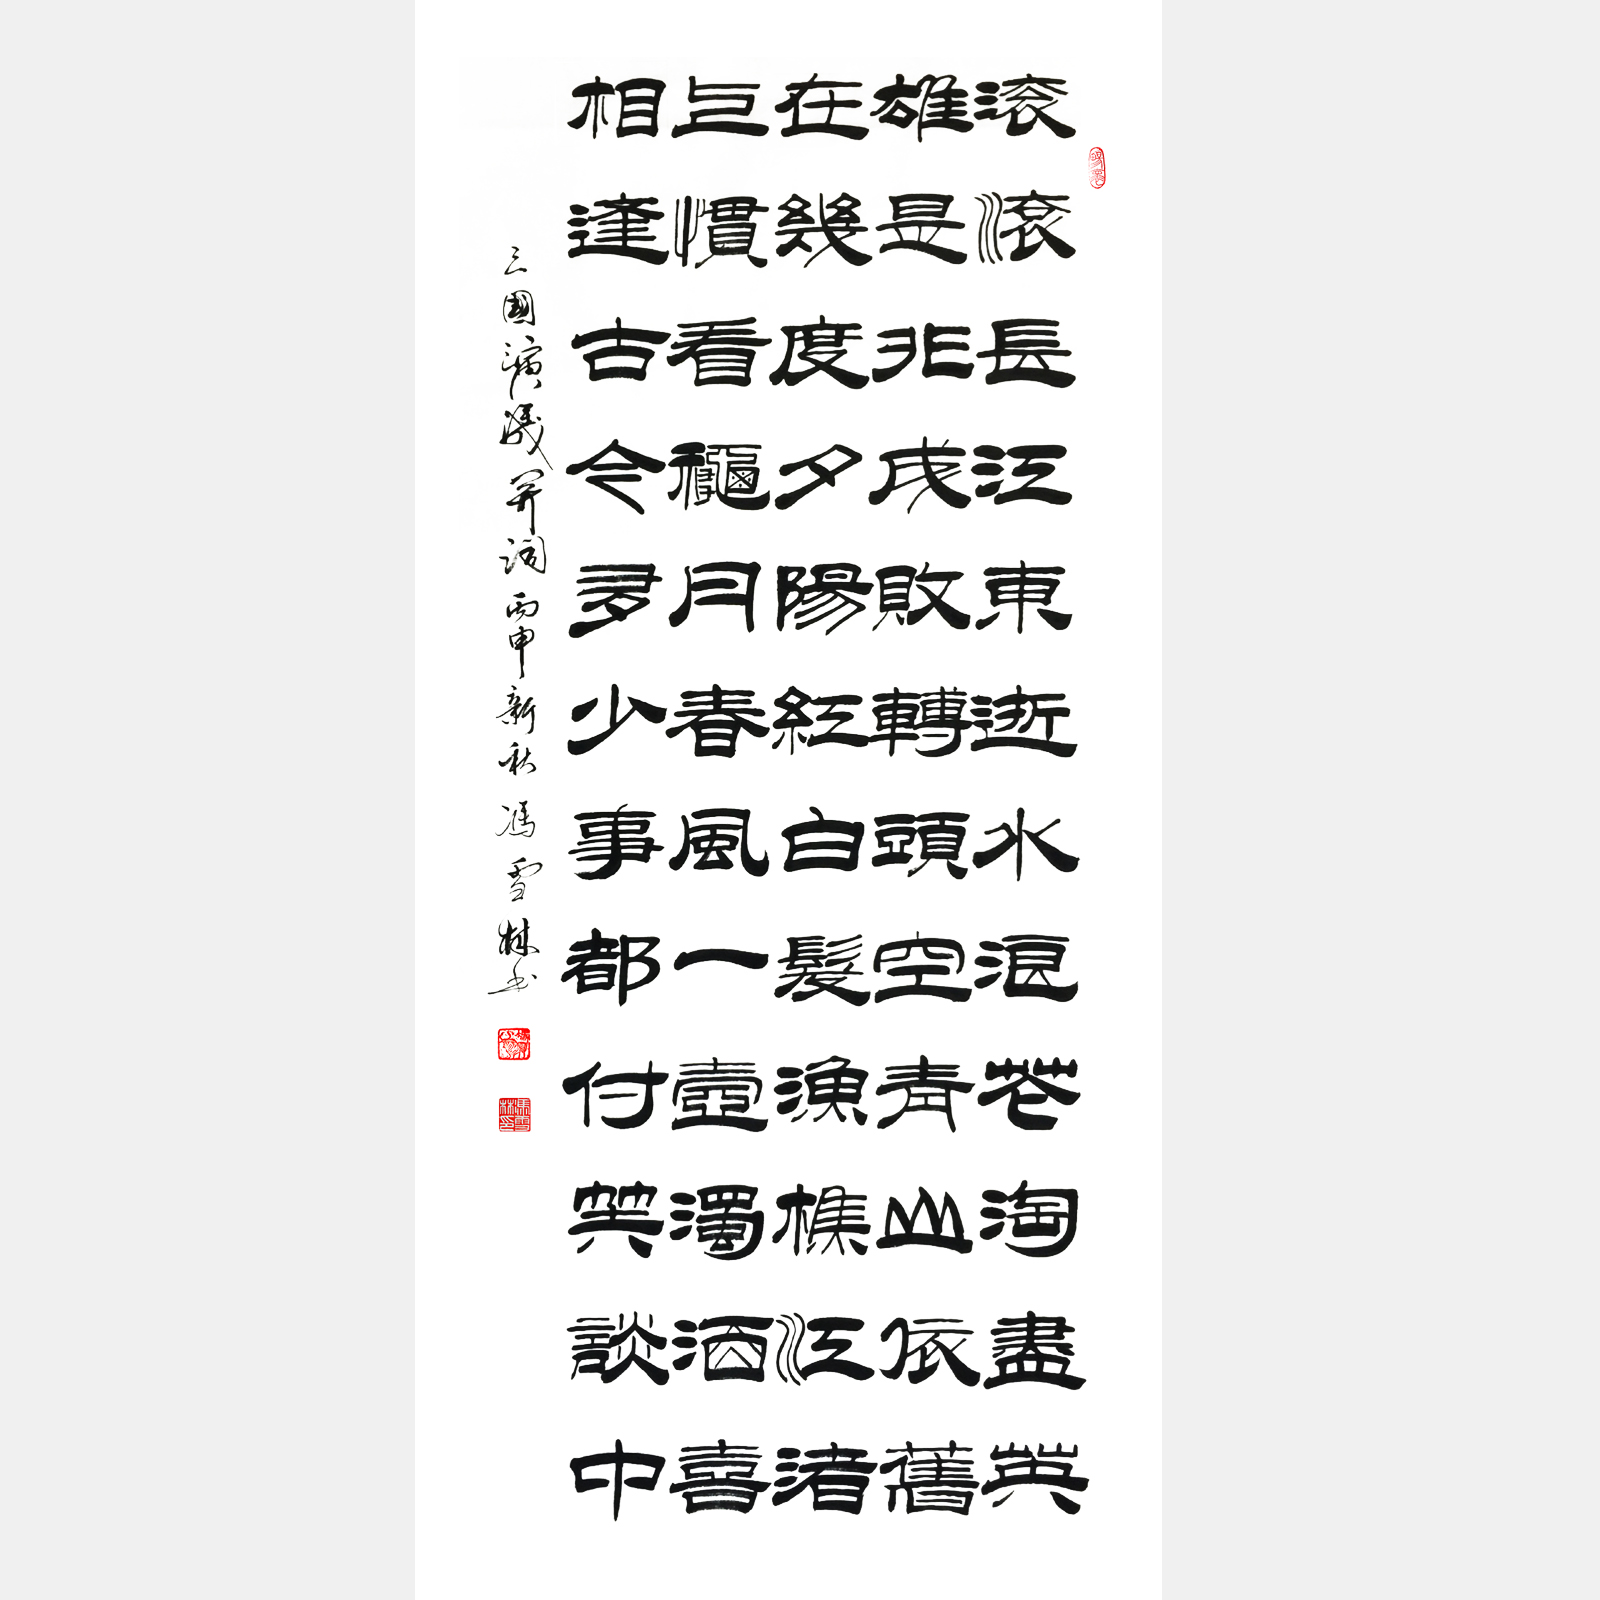 《三国演义开篇词》《临江仙·滚滚长江东逝水》隶书书法作品